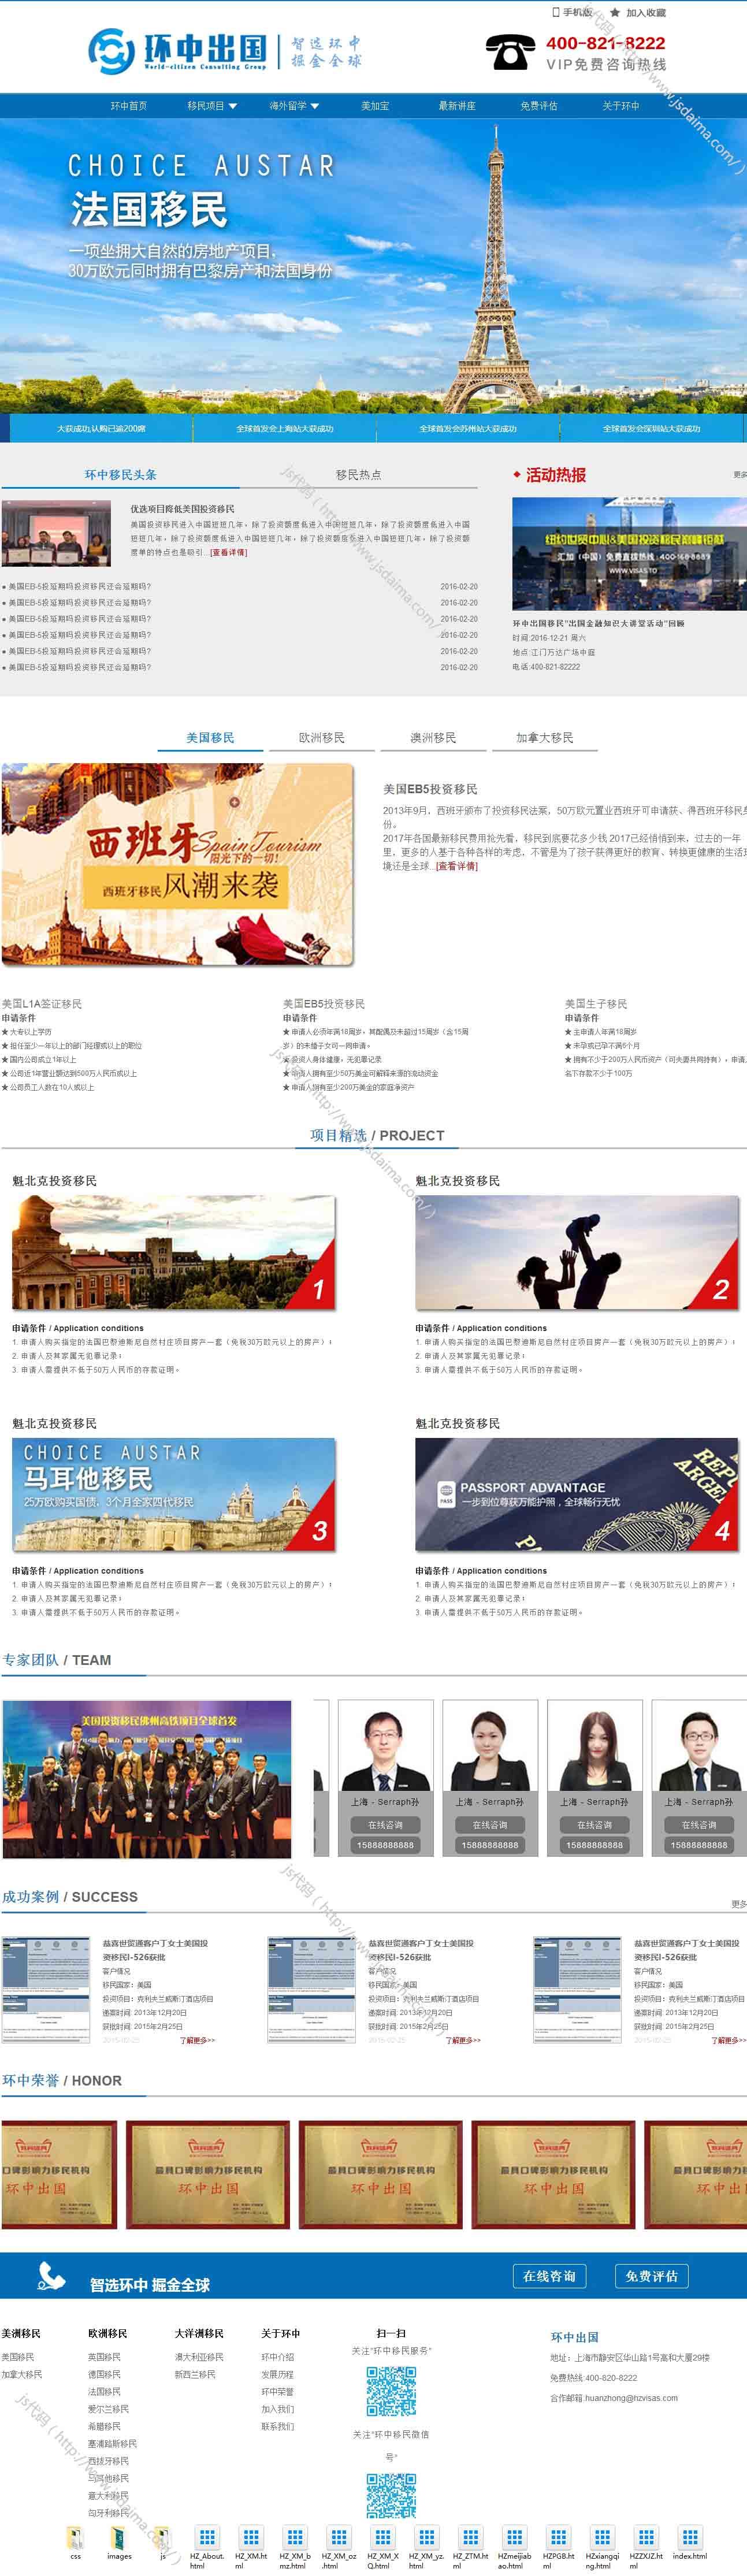 宽屏大气投资移民服务公司网站模板全套下载